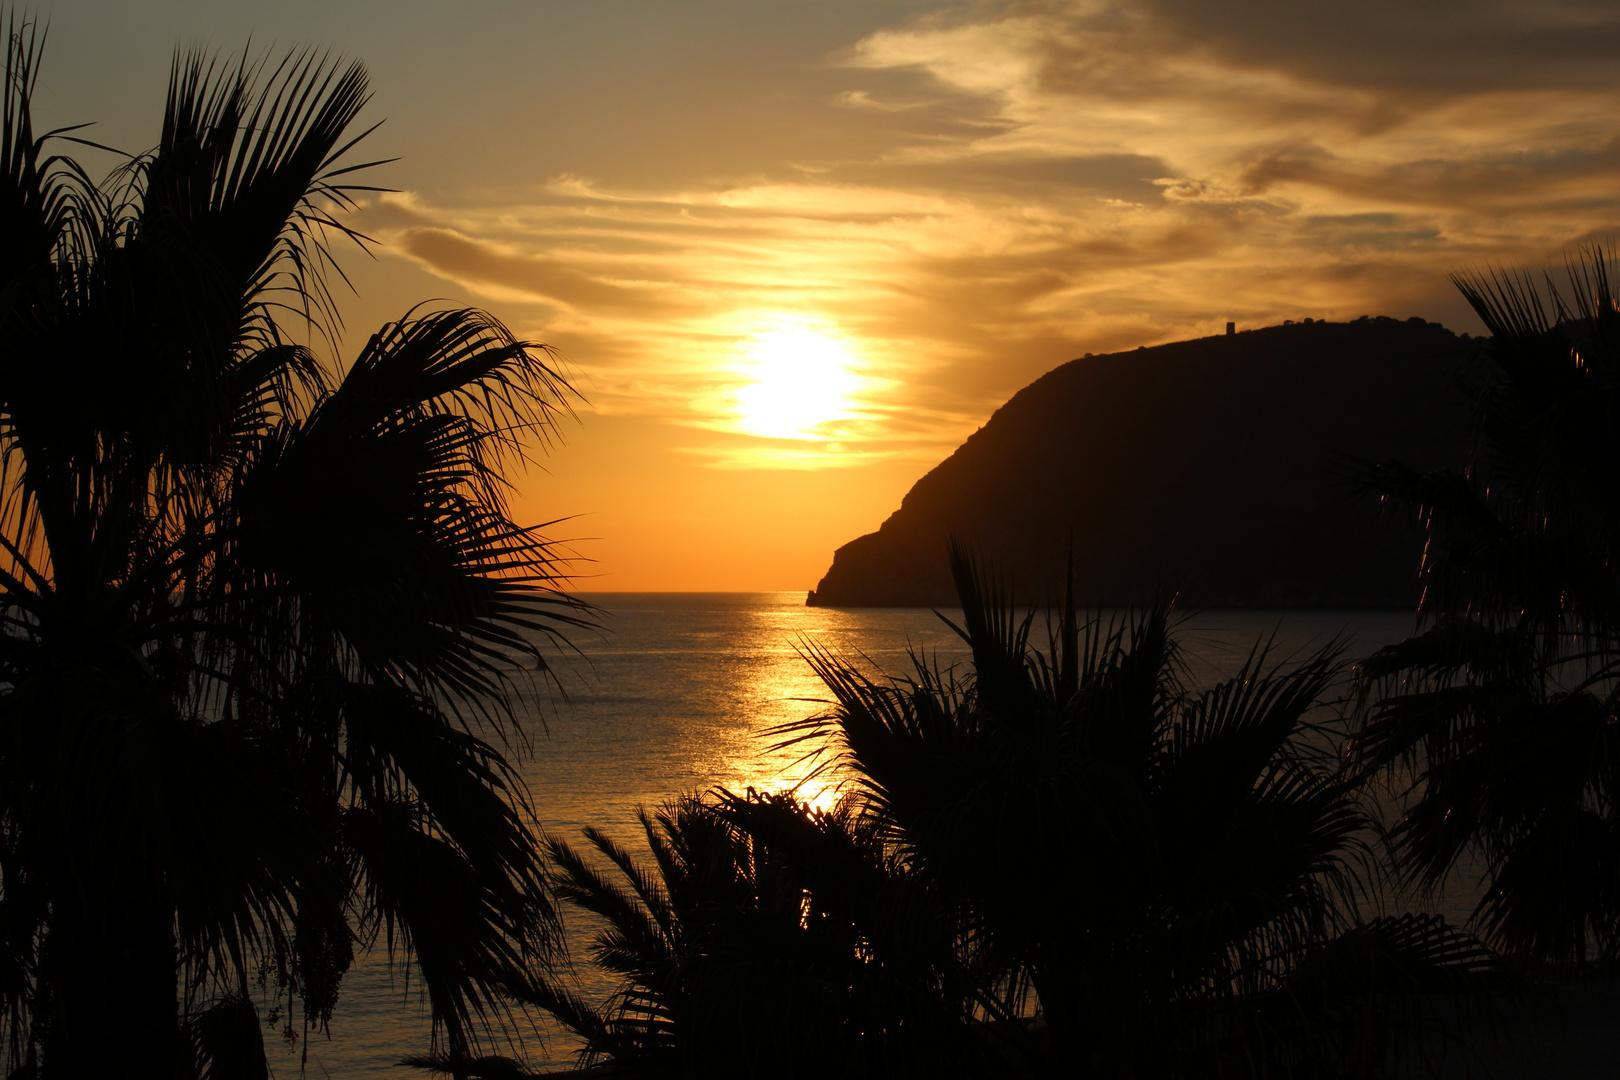 Kurz vor Sonnenuntergang in der Bucht von La Herradura.